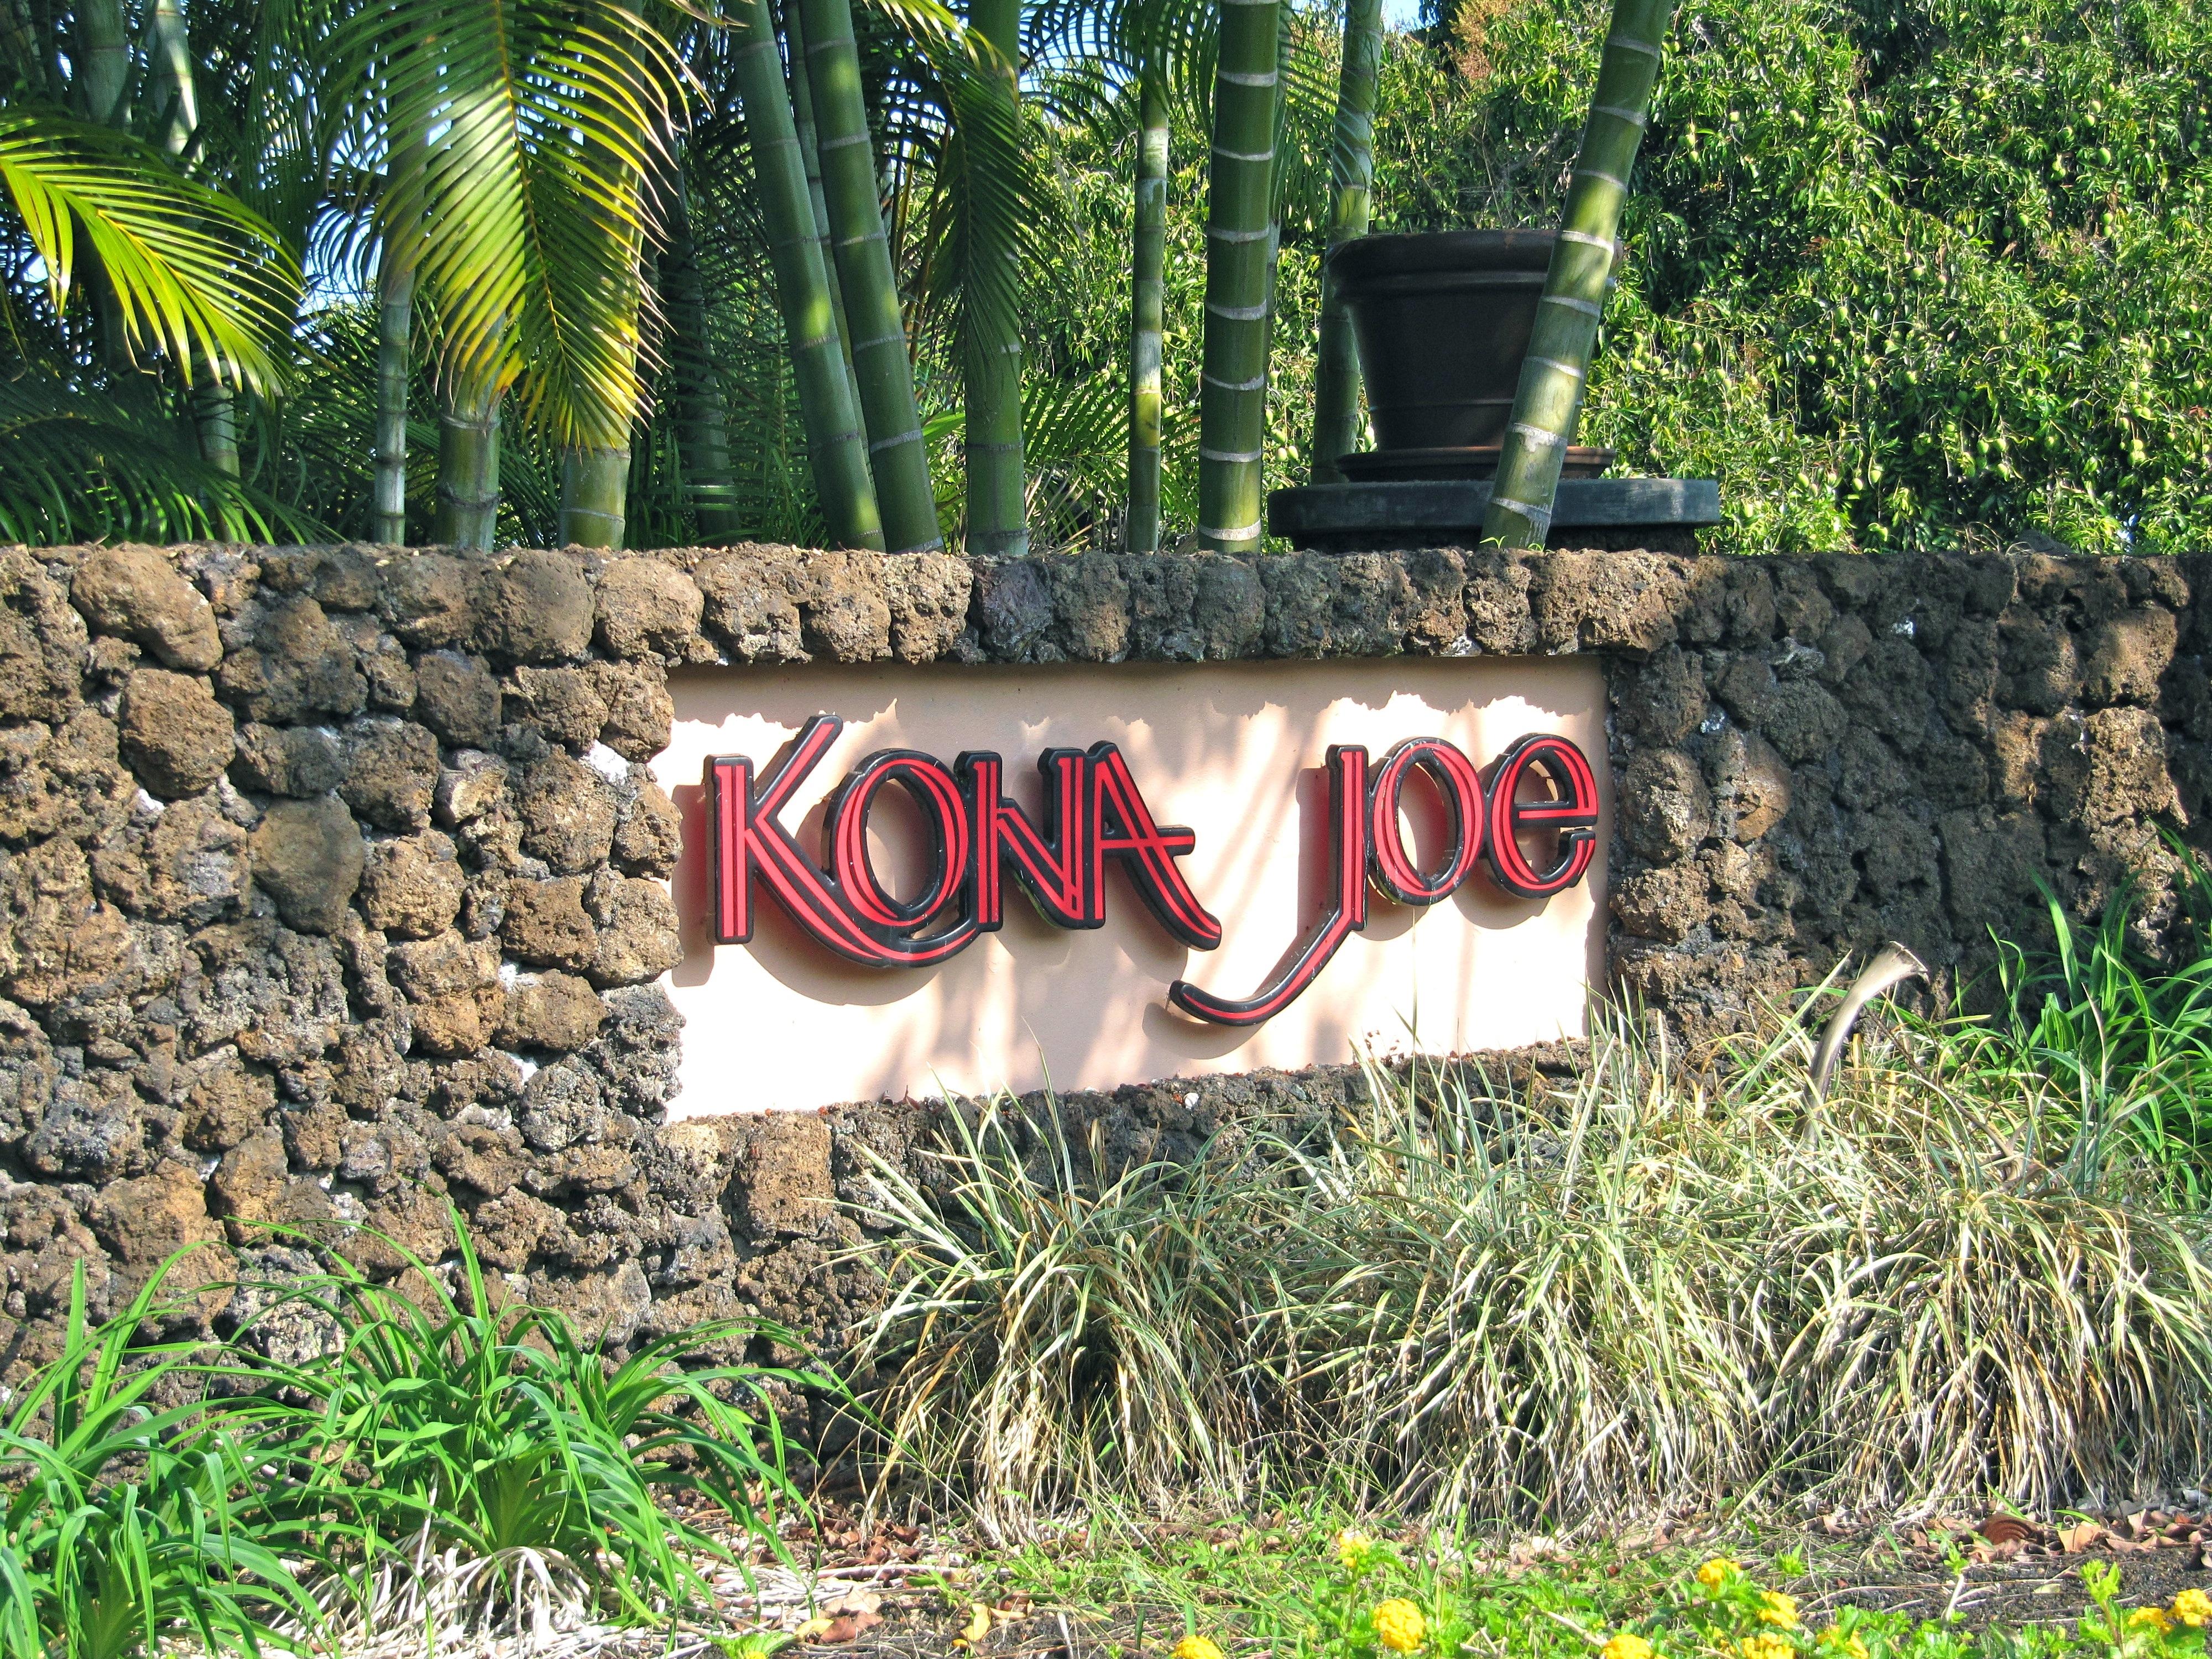 IMG 1724 Where To Buy Kona Coffee Kona Joes Coffee Plantation